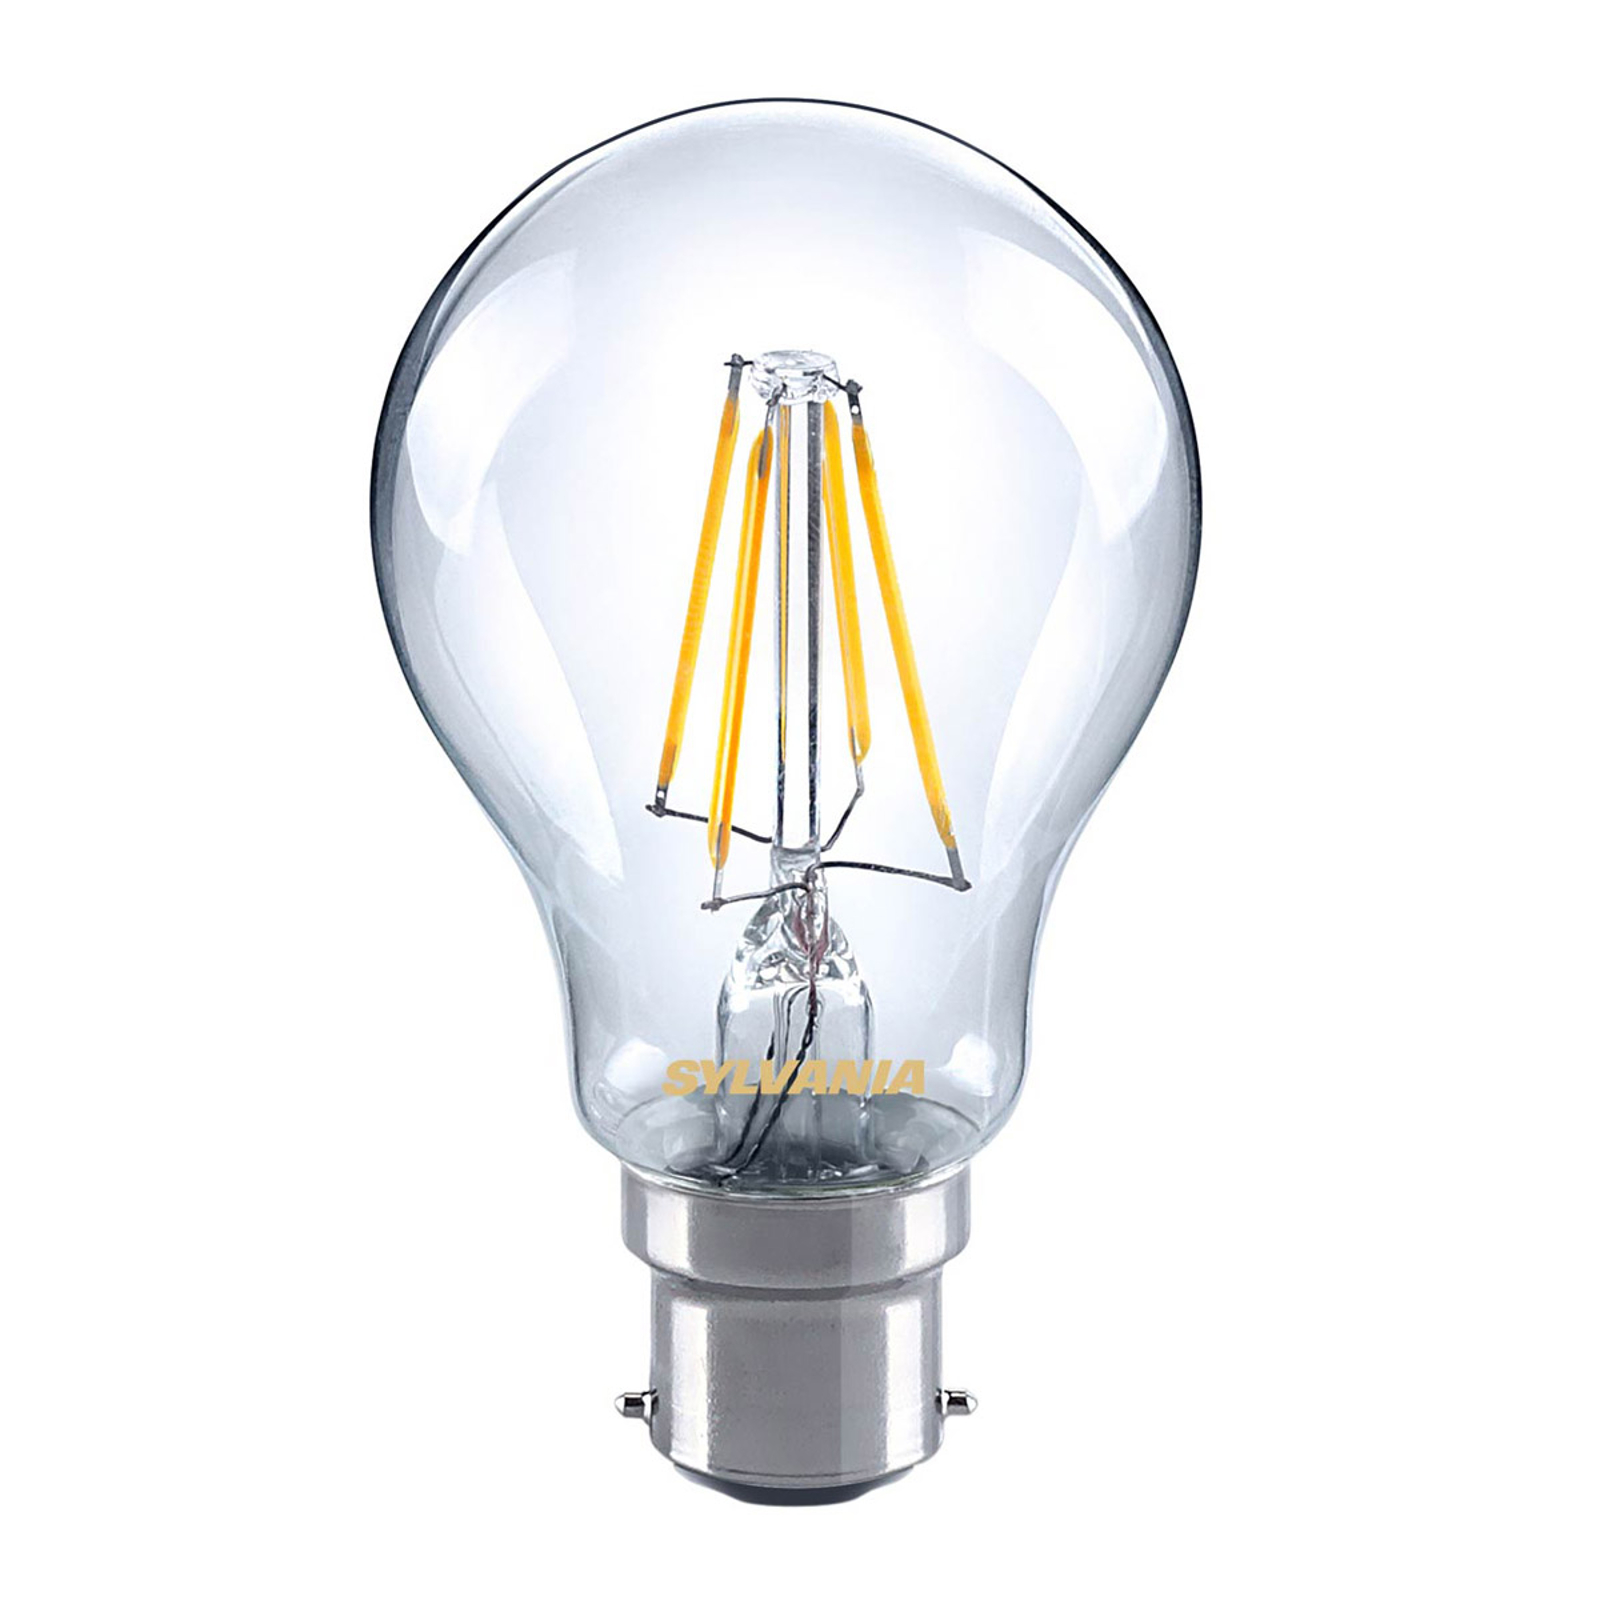 B22 4,5W 827 LED-filament lyspære, klar